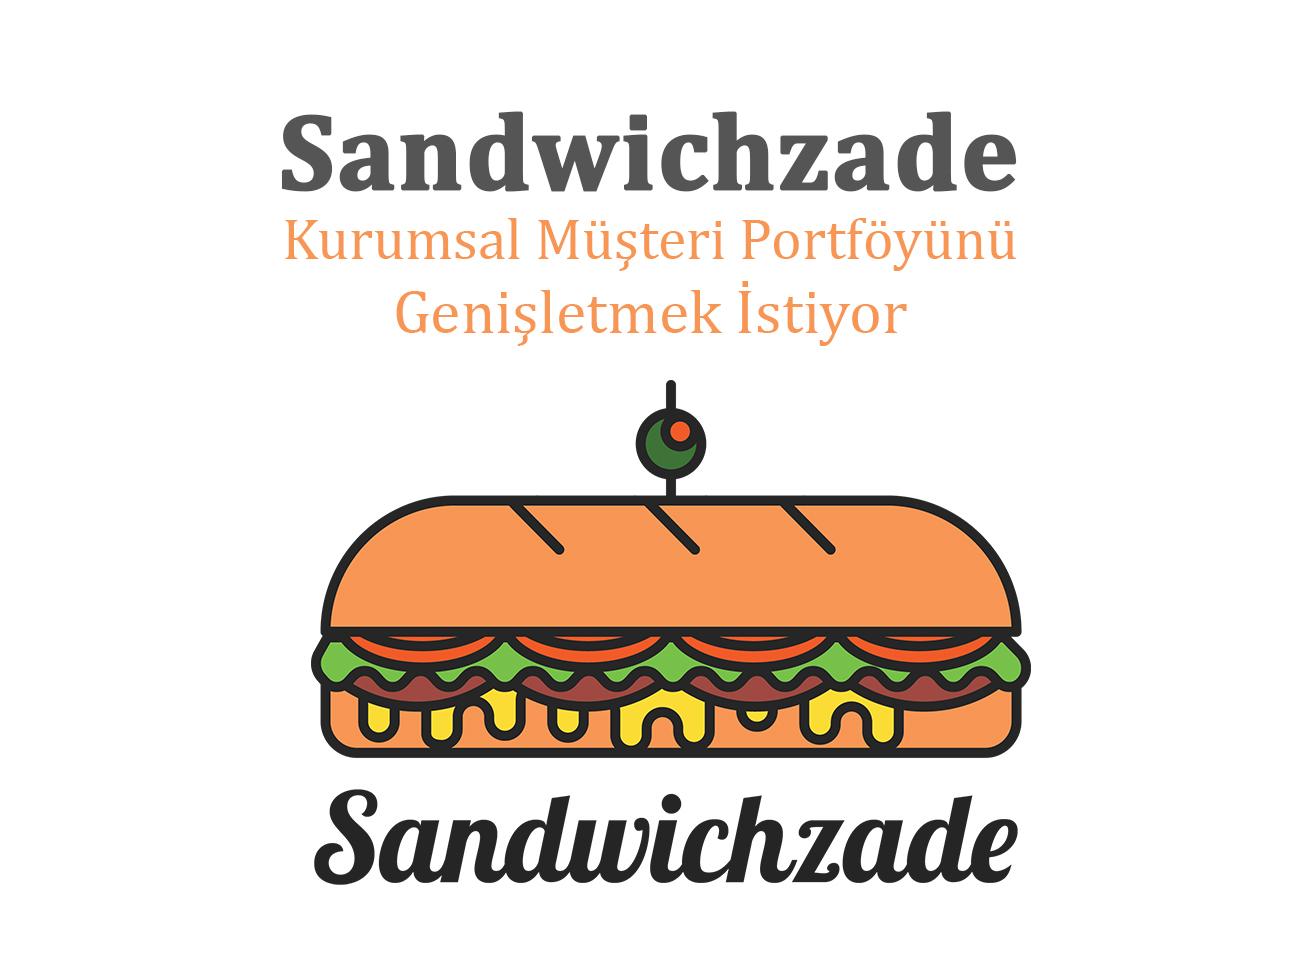 Sandwichzade Kurumsal Portföyünü Genişletmek İstiyor